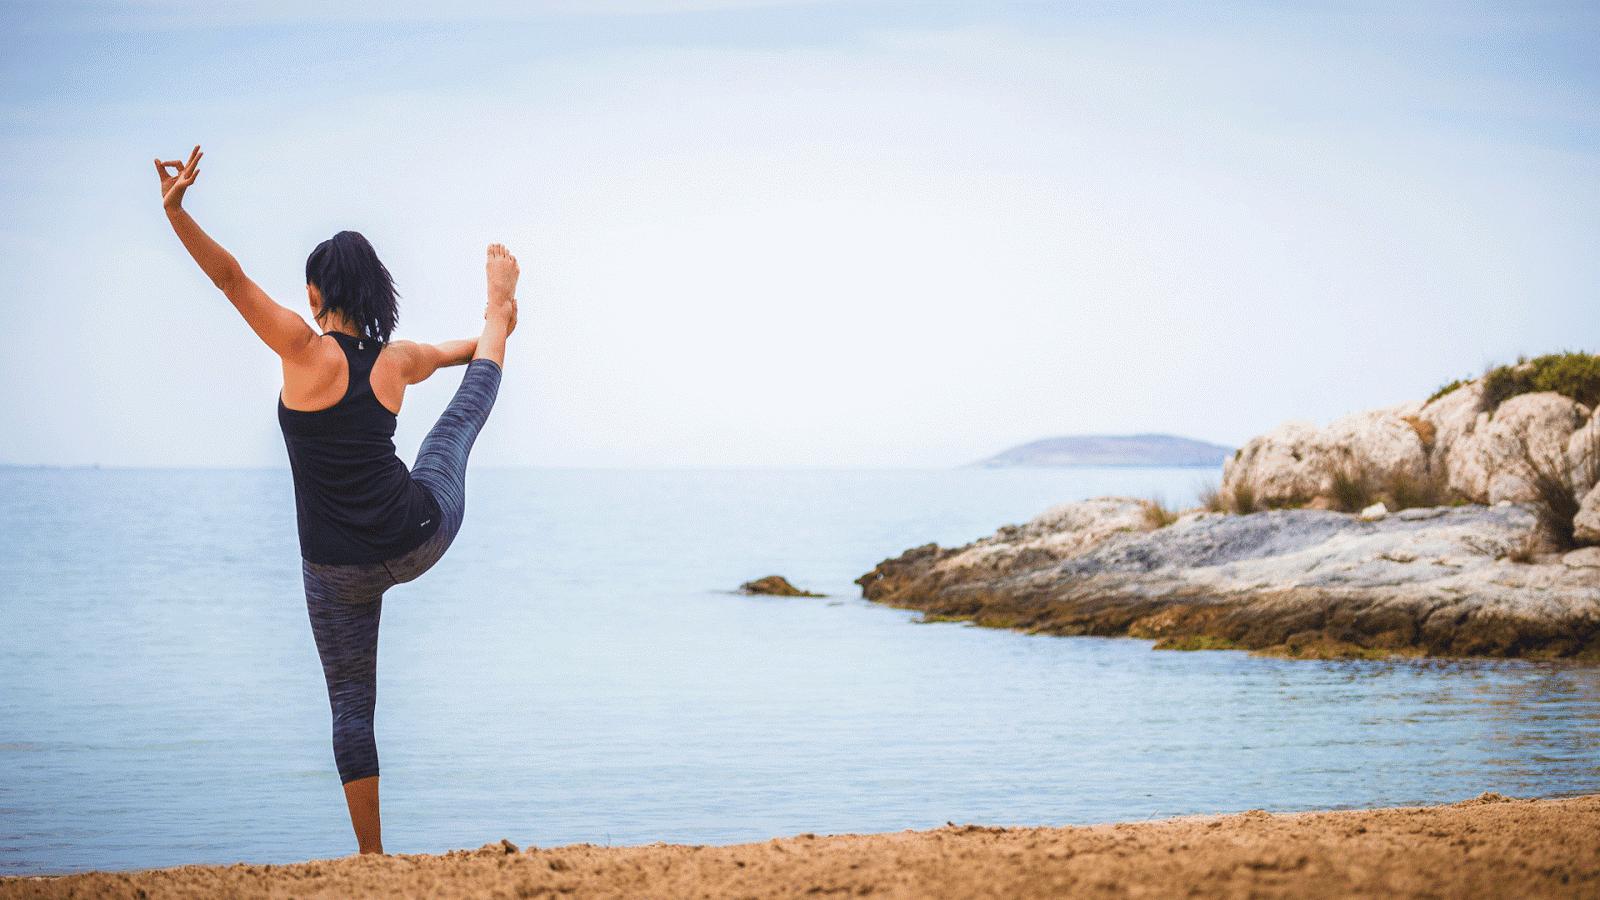 como perder peso mas rapido haciendo ejercicio